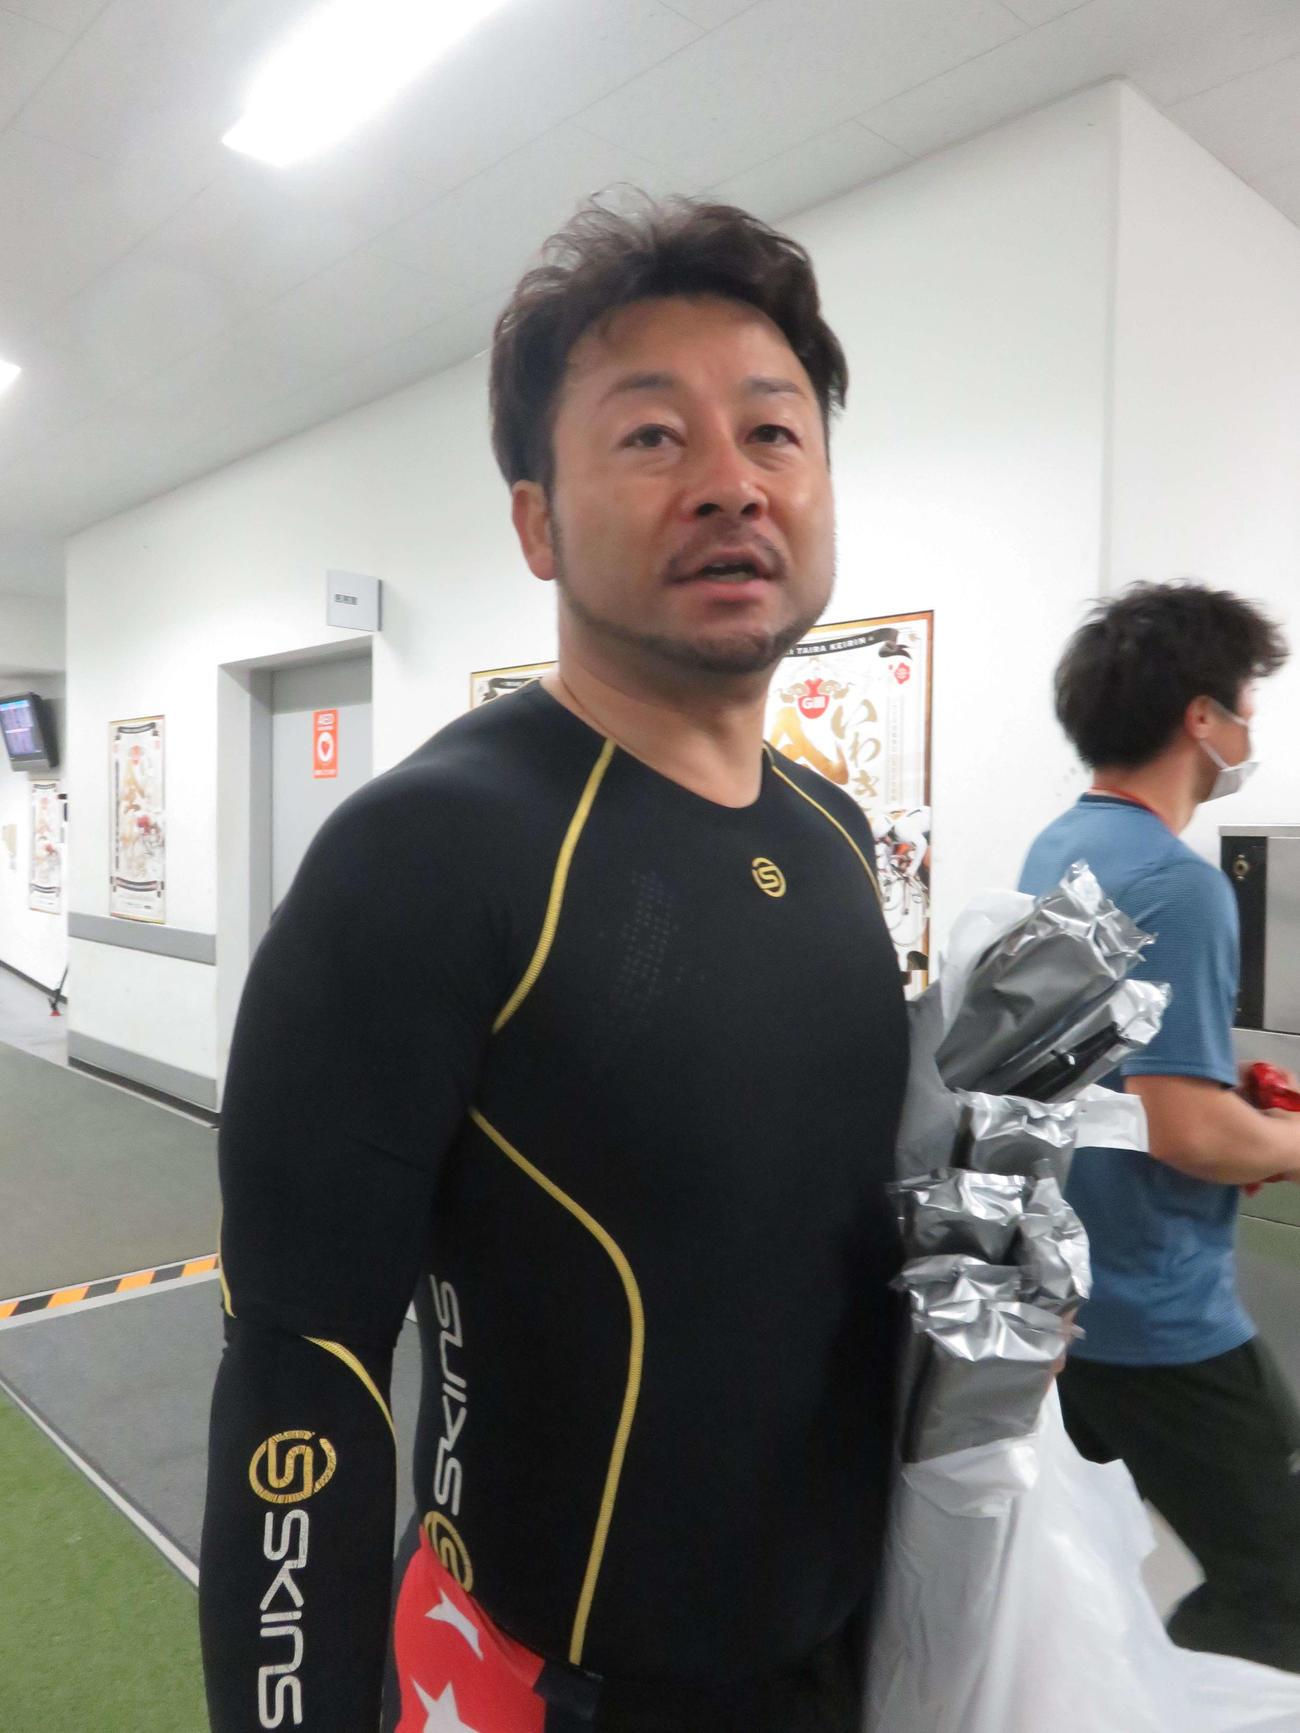 今シリーズ初勝利を挙げた山崎芳仁が4度目の地元G3Vを狙う